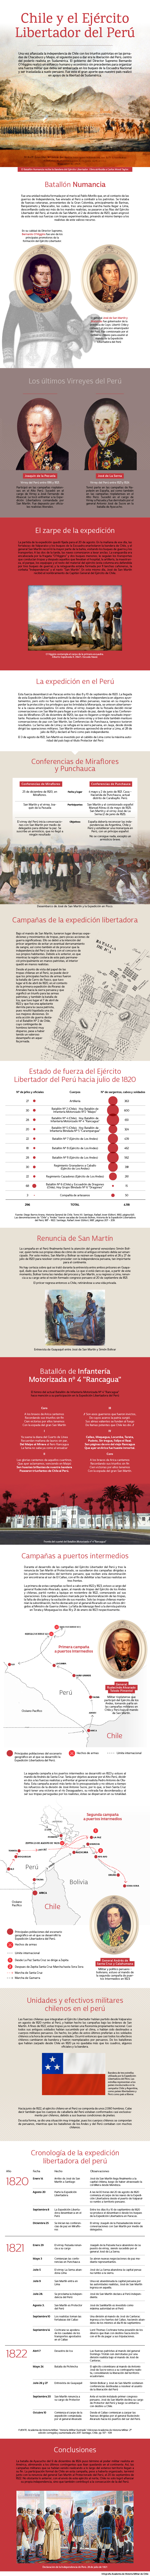 info_chile ejercito libertador del perú_v1